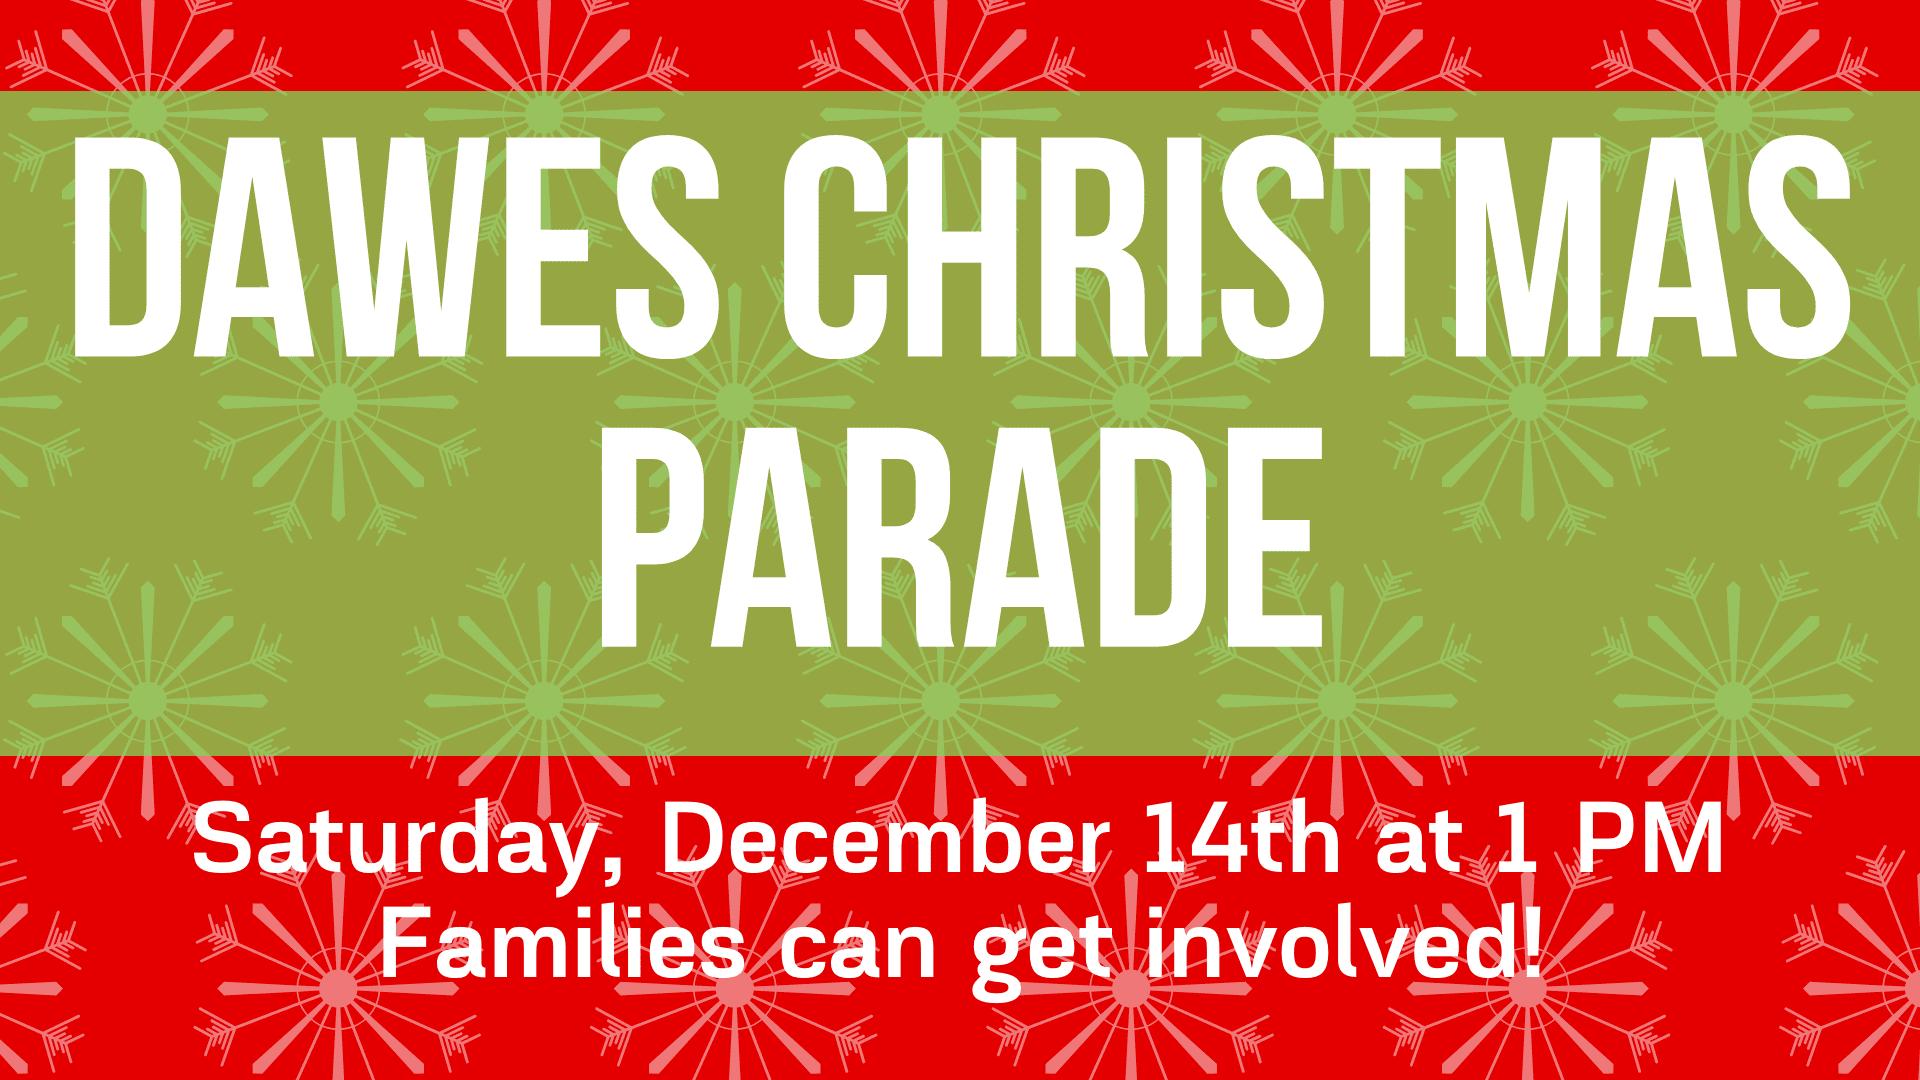 dawes christmas parade